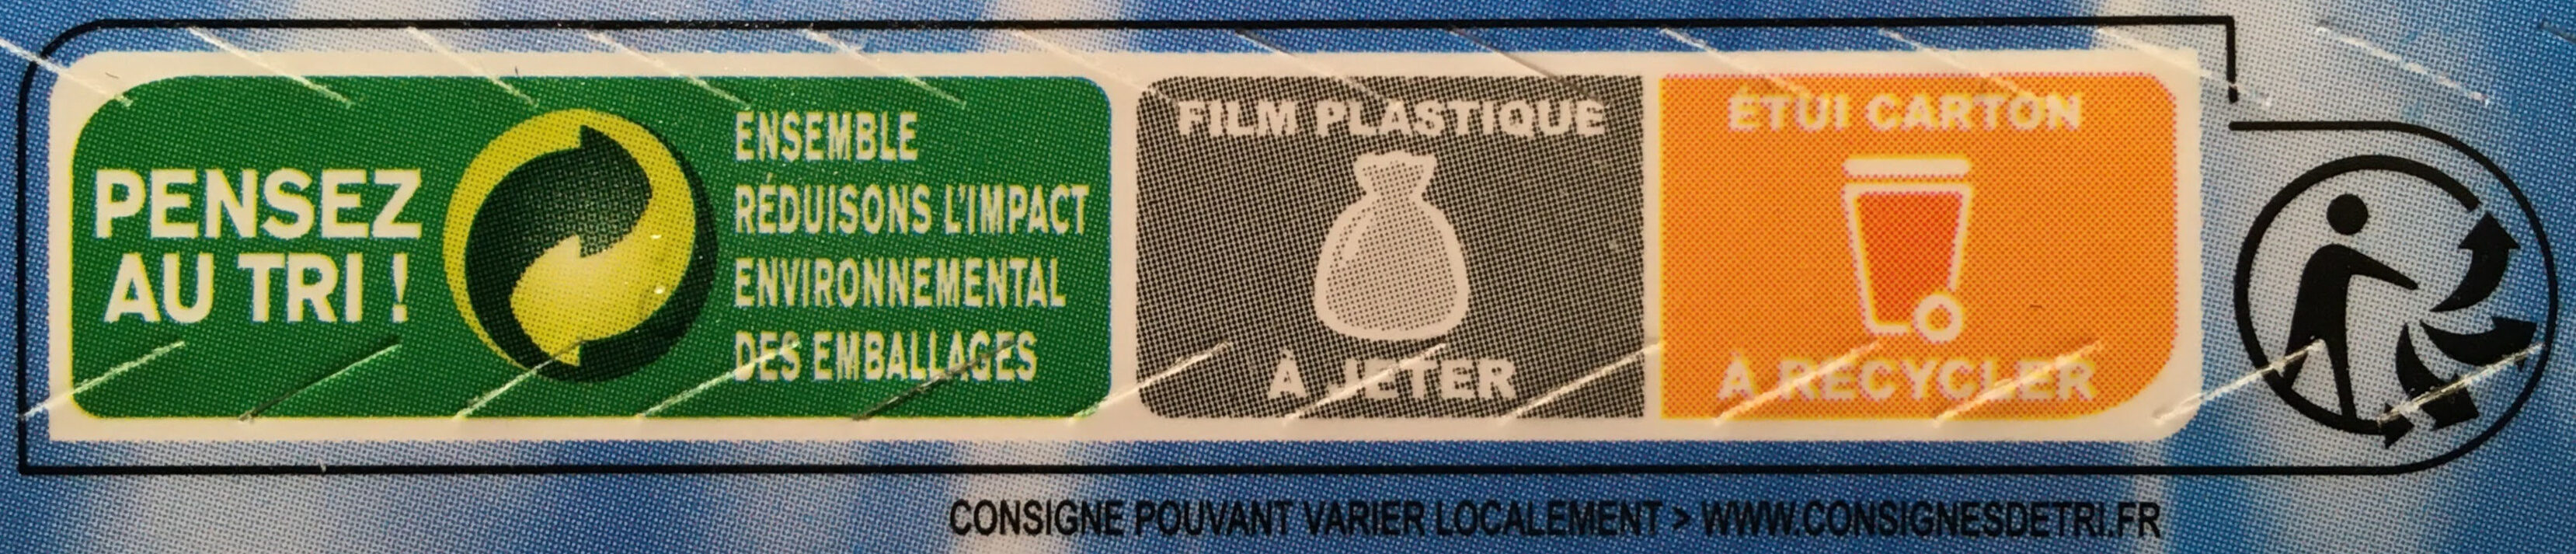 Filets & dos de colin d'Alaska panés - Instruction de recyclage et/ou informations d'emballage - fr